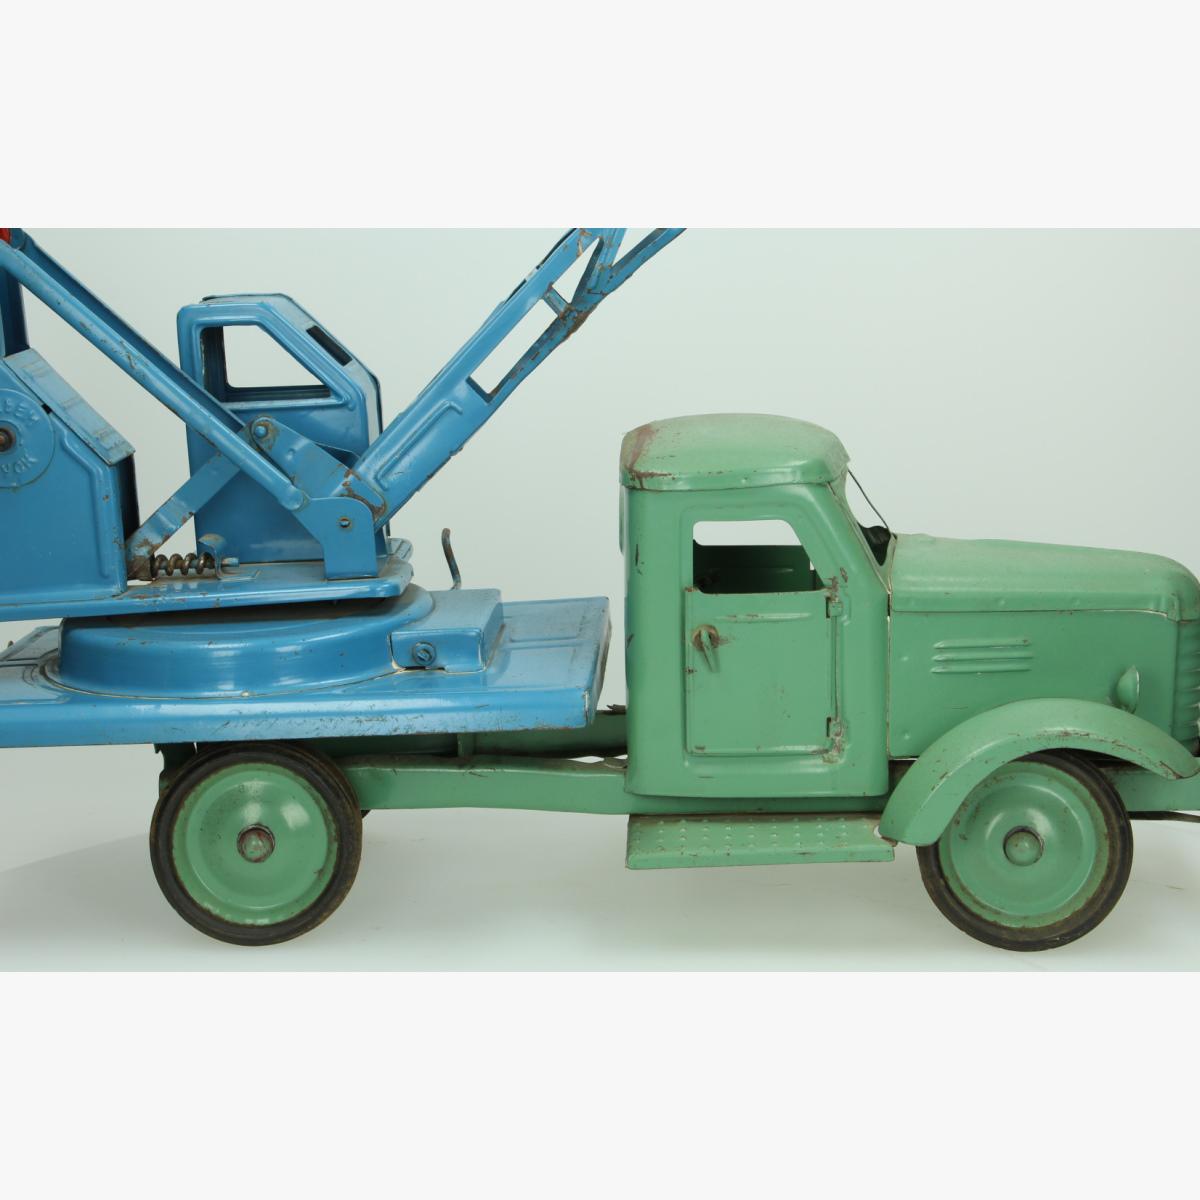 Afbeeldingen van grote blikken takelwagen USSR jaren 50